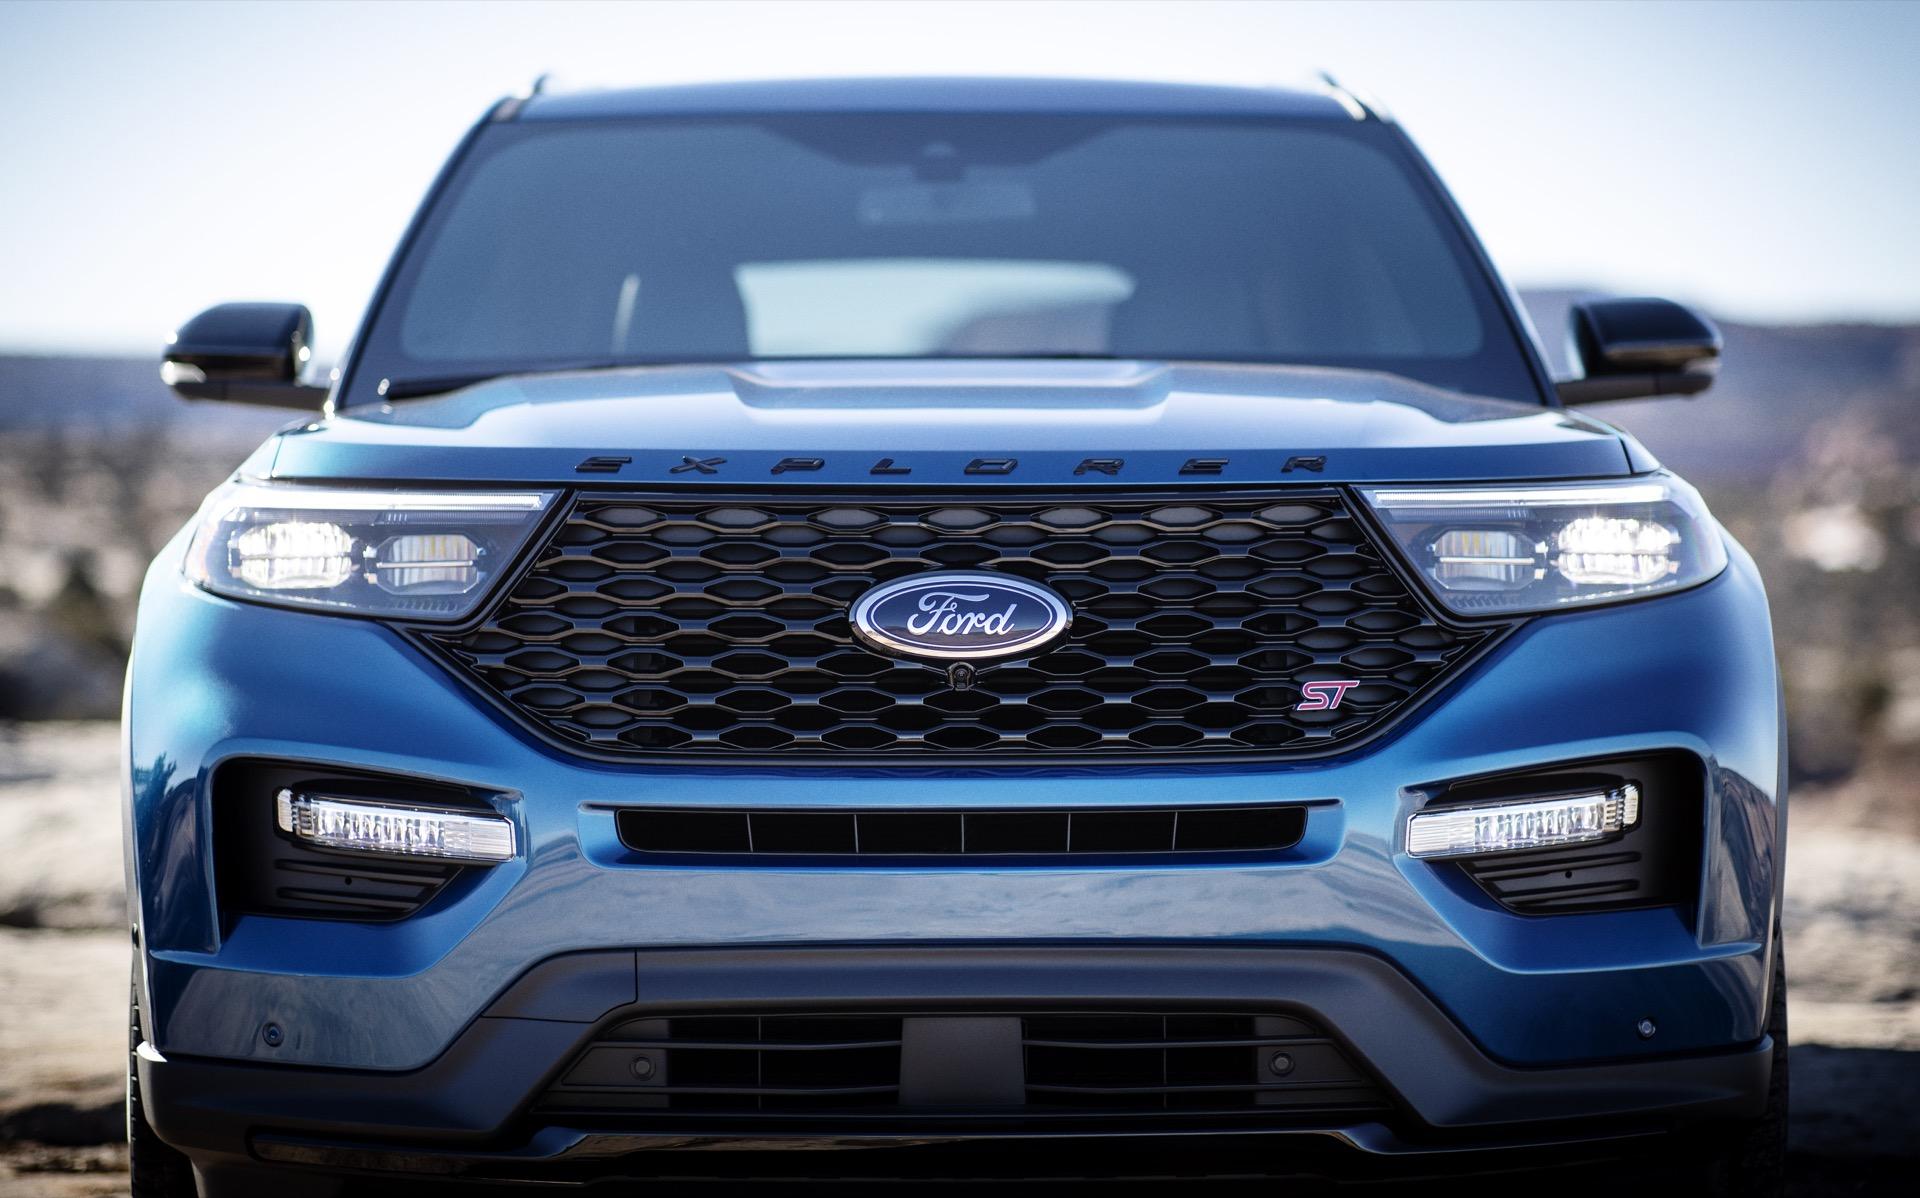 2020-ford-explorer_100704699_h.jpg